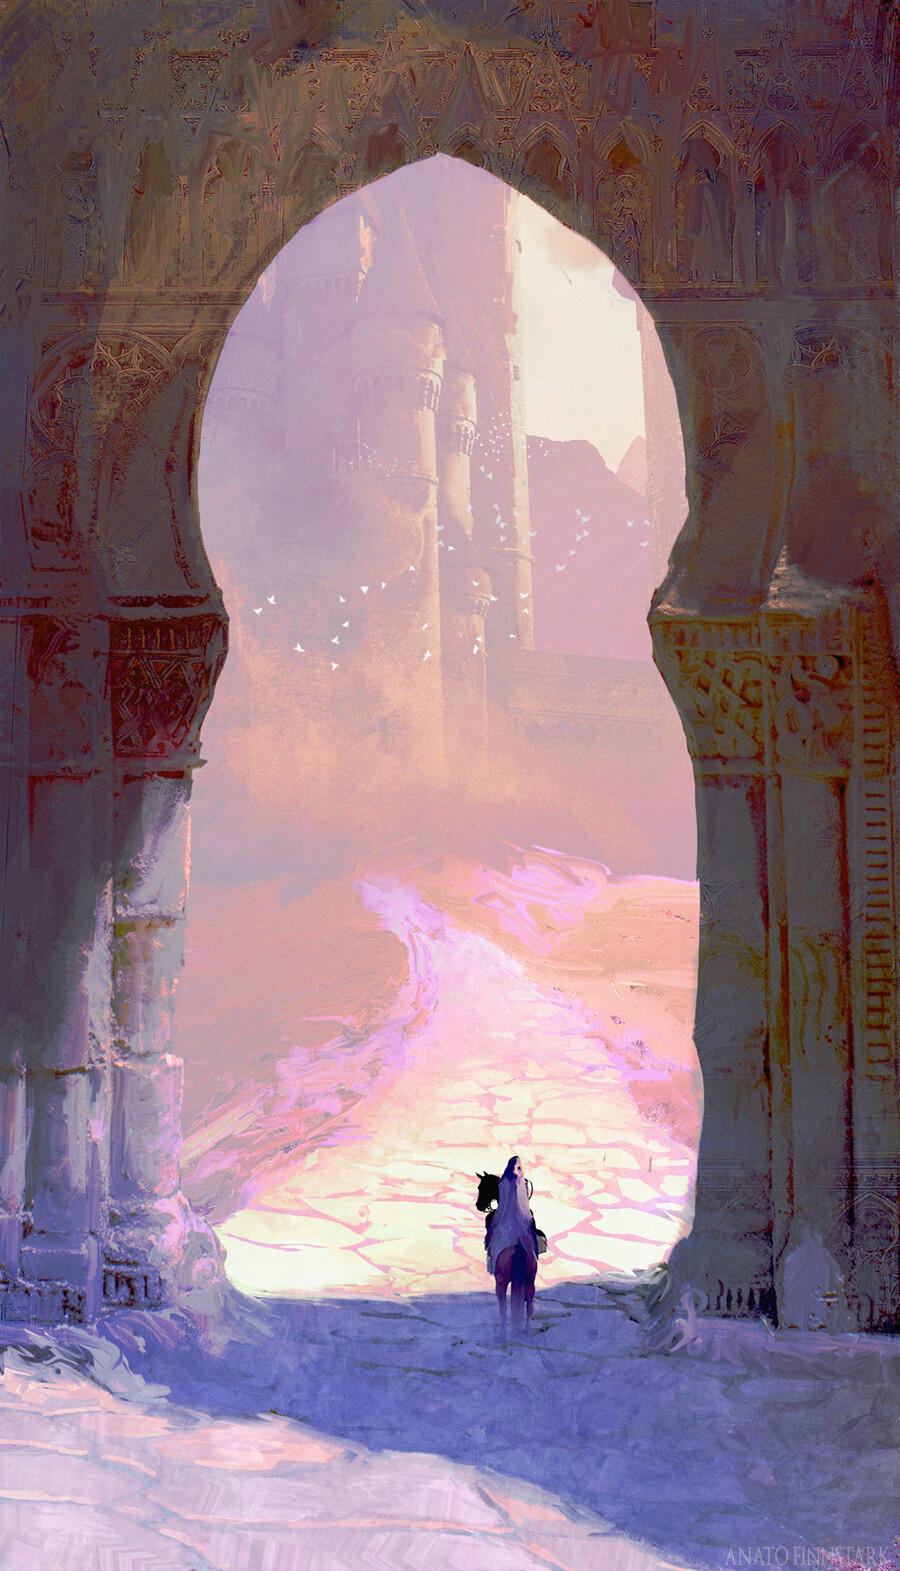 Anato finnstark white door p